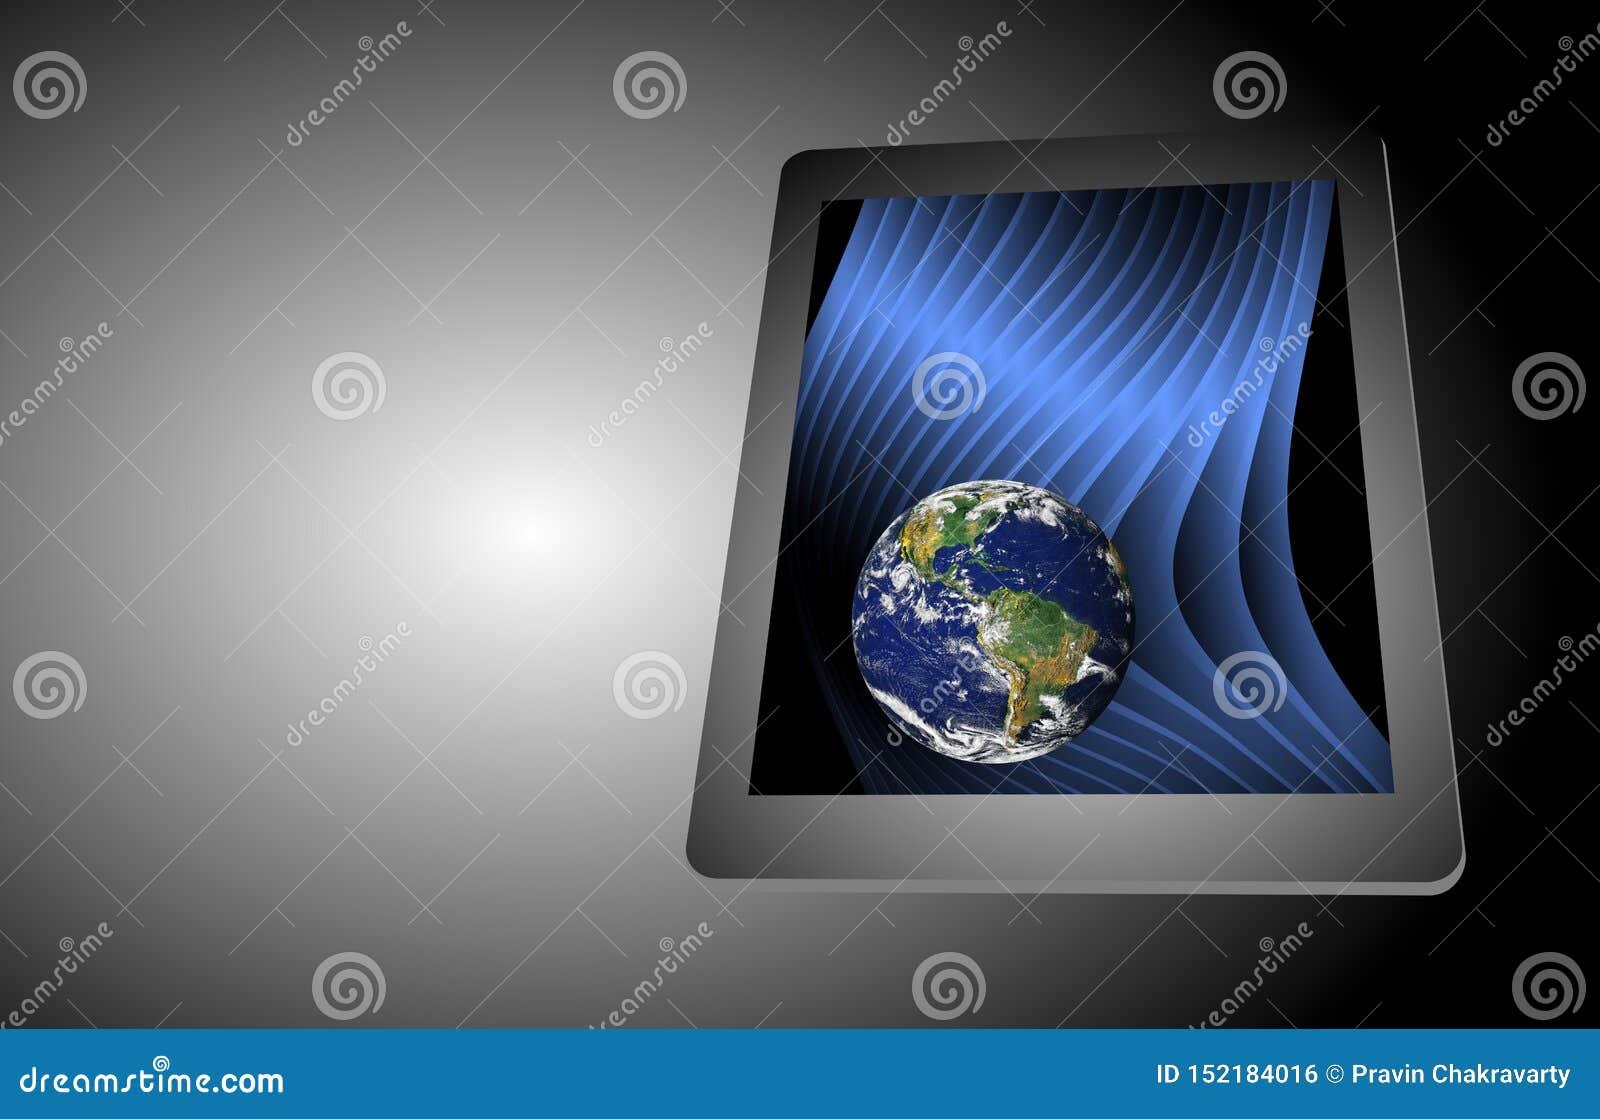 Computer-Tablet-Technologie-Erde Smartphone Handy